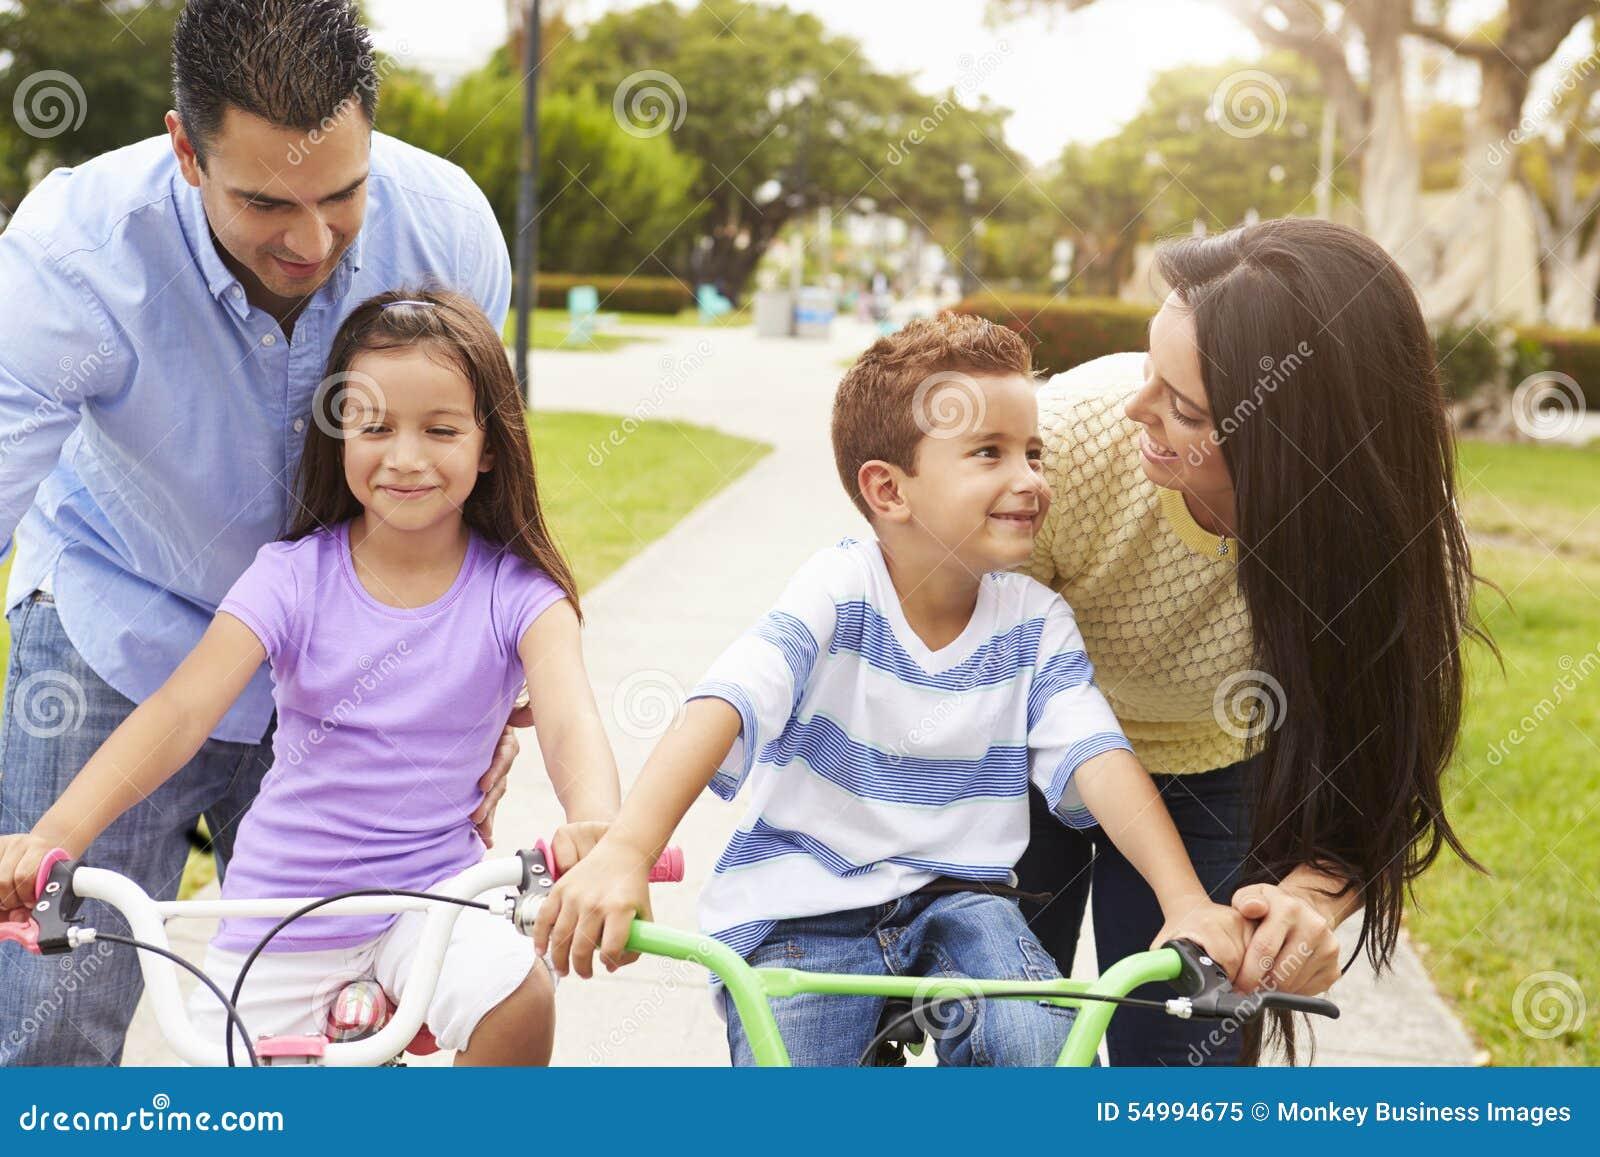 Föräldrar som undervisar barn att rida cyklar parkerar in